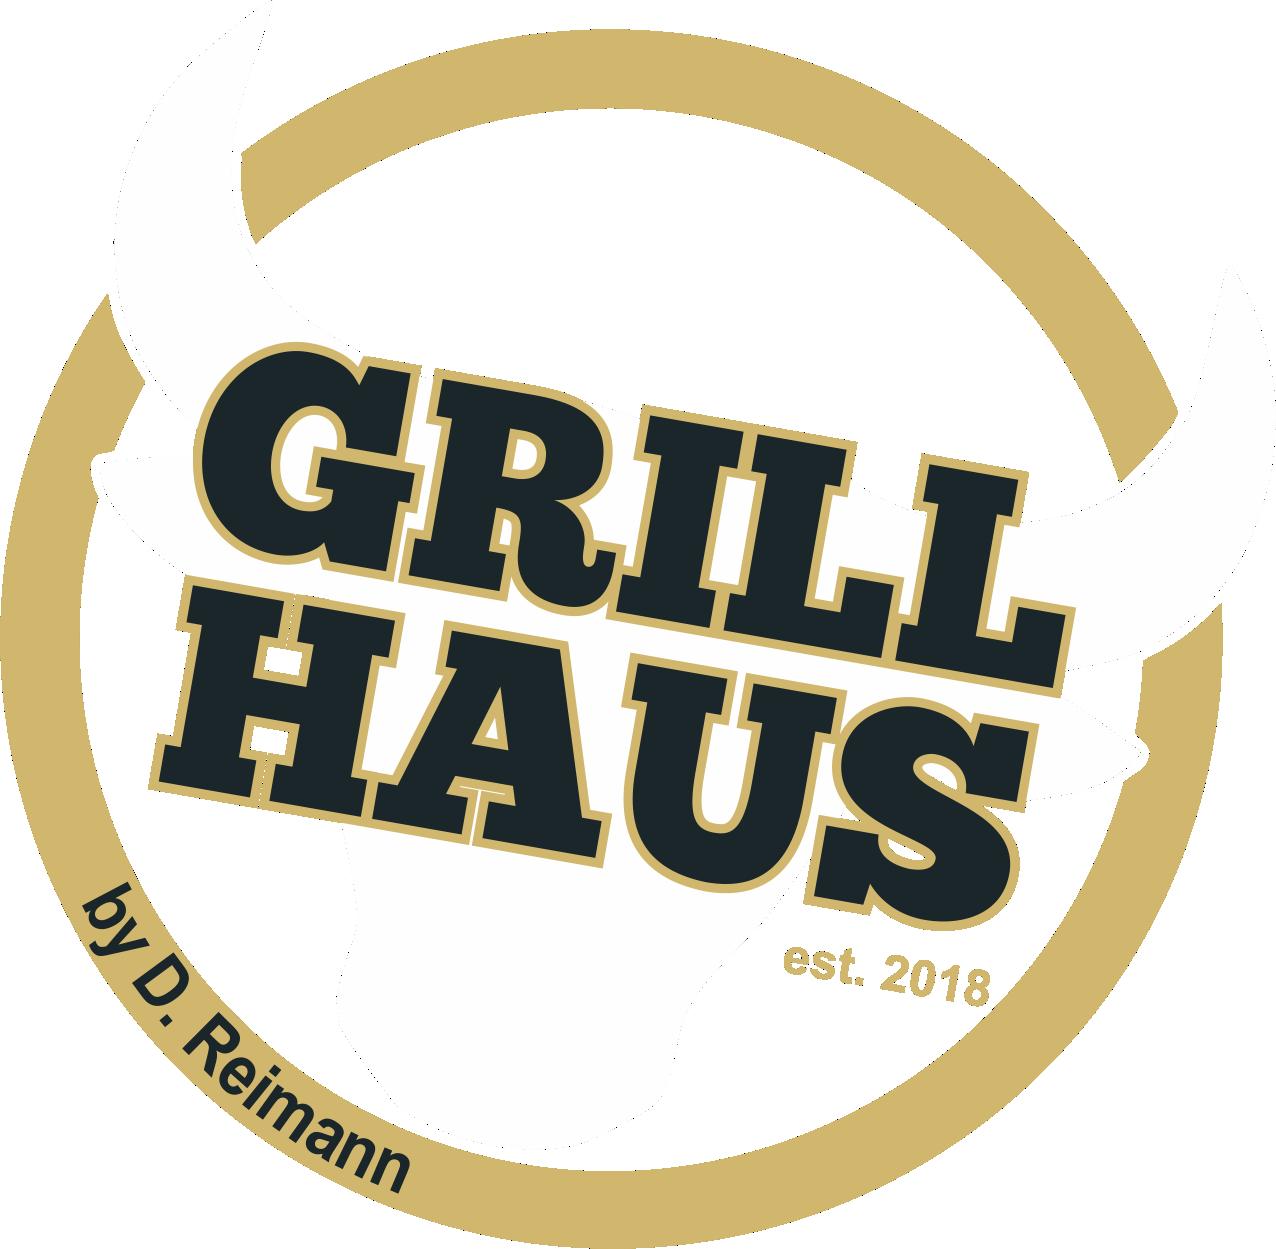 Grillhaus bei Reimann in Dortmund – Burger, Wurst, Currywurst, Kartoffel